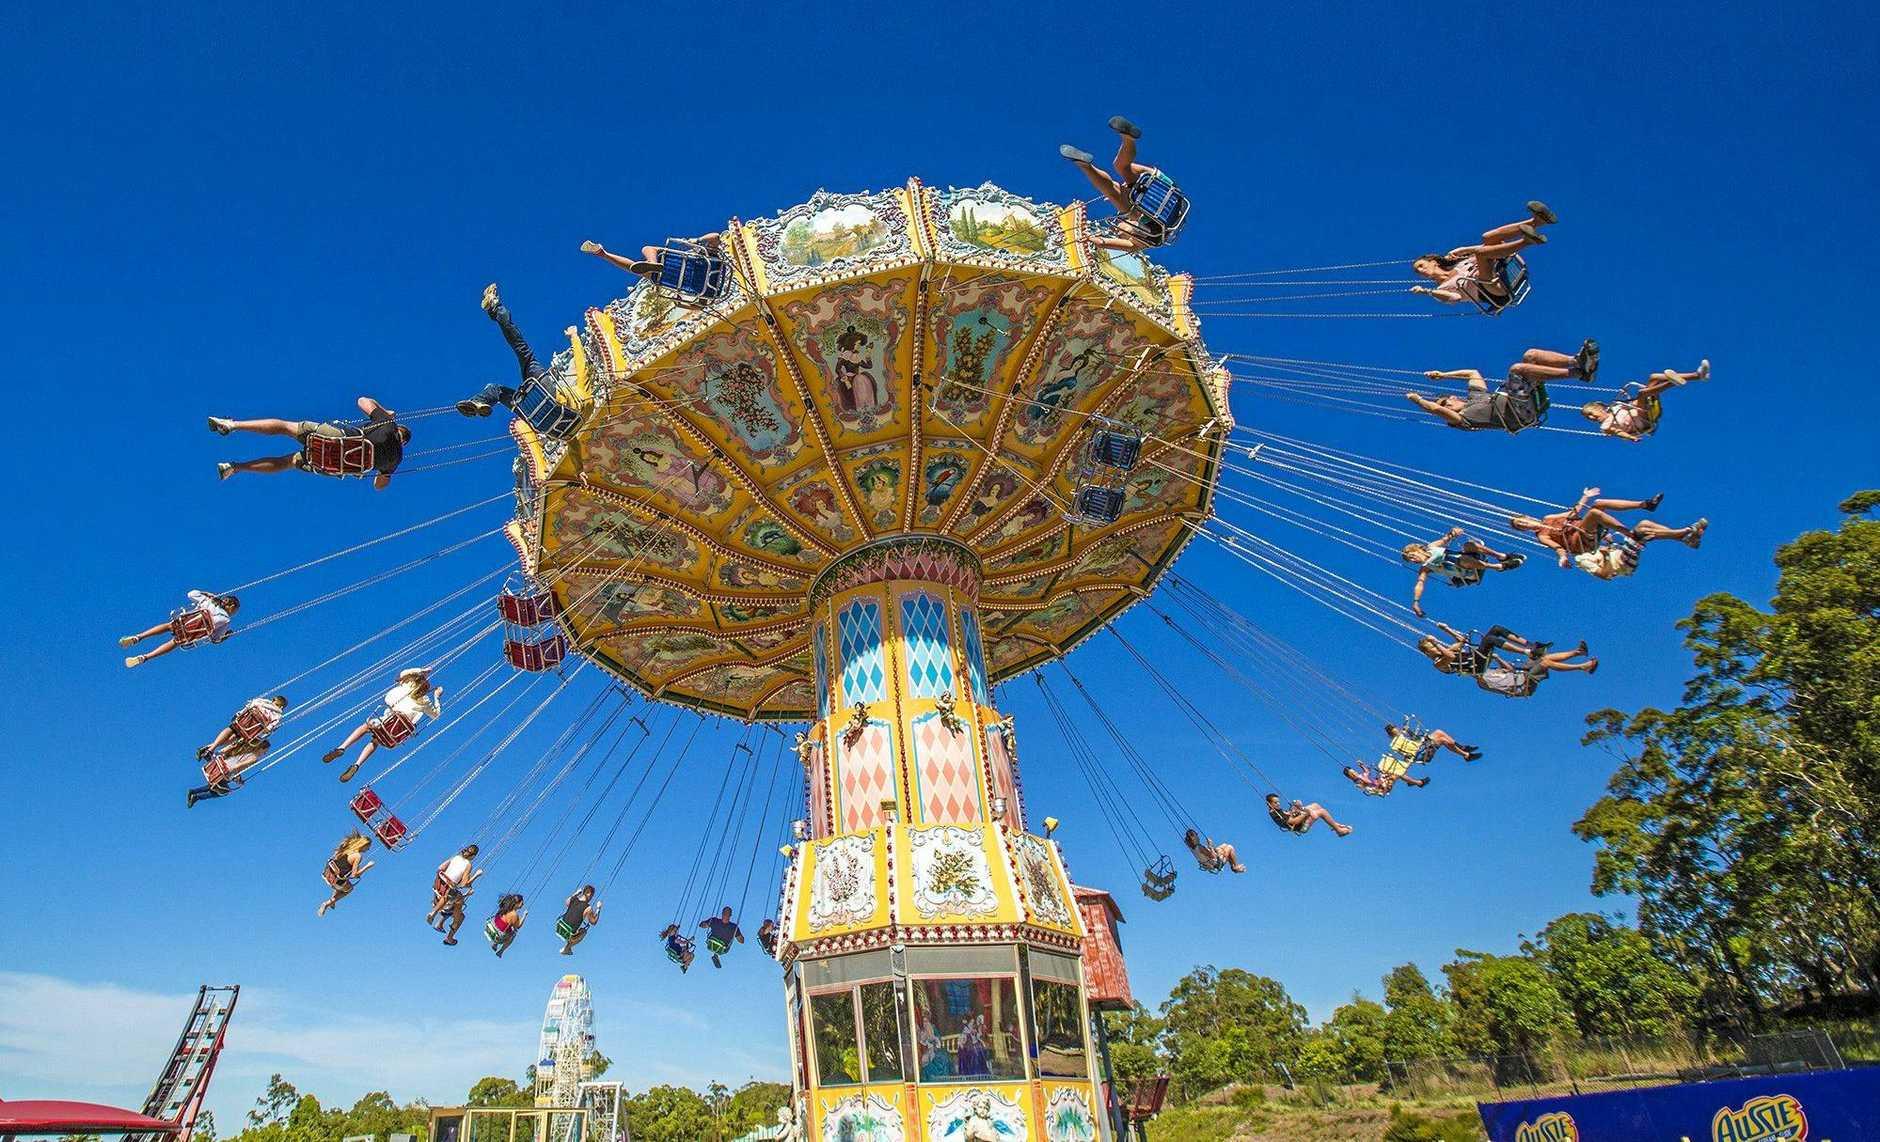 The Ballroom Blitz ride at Aussie World